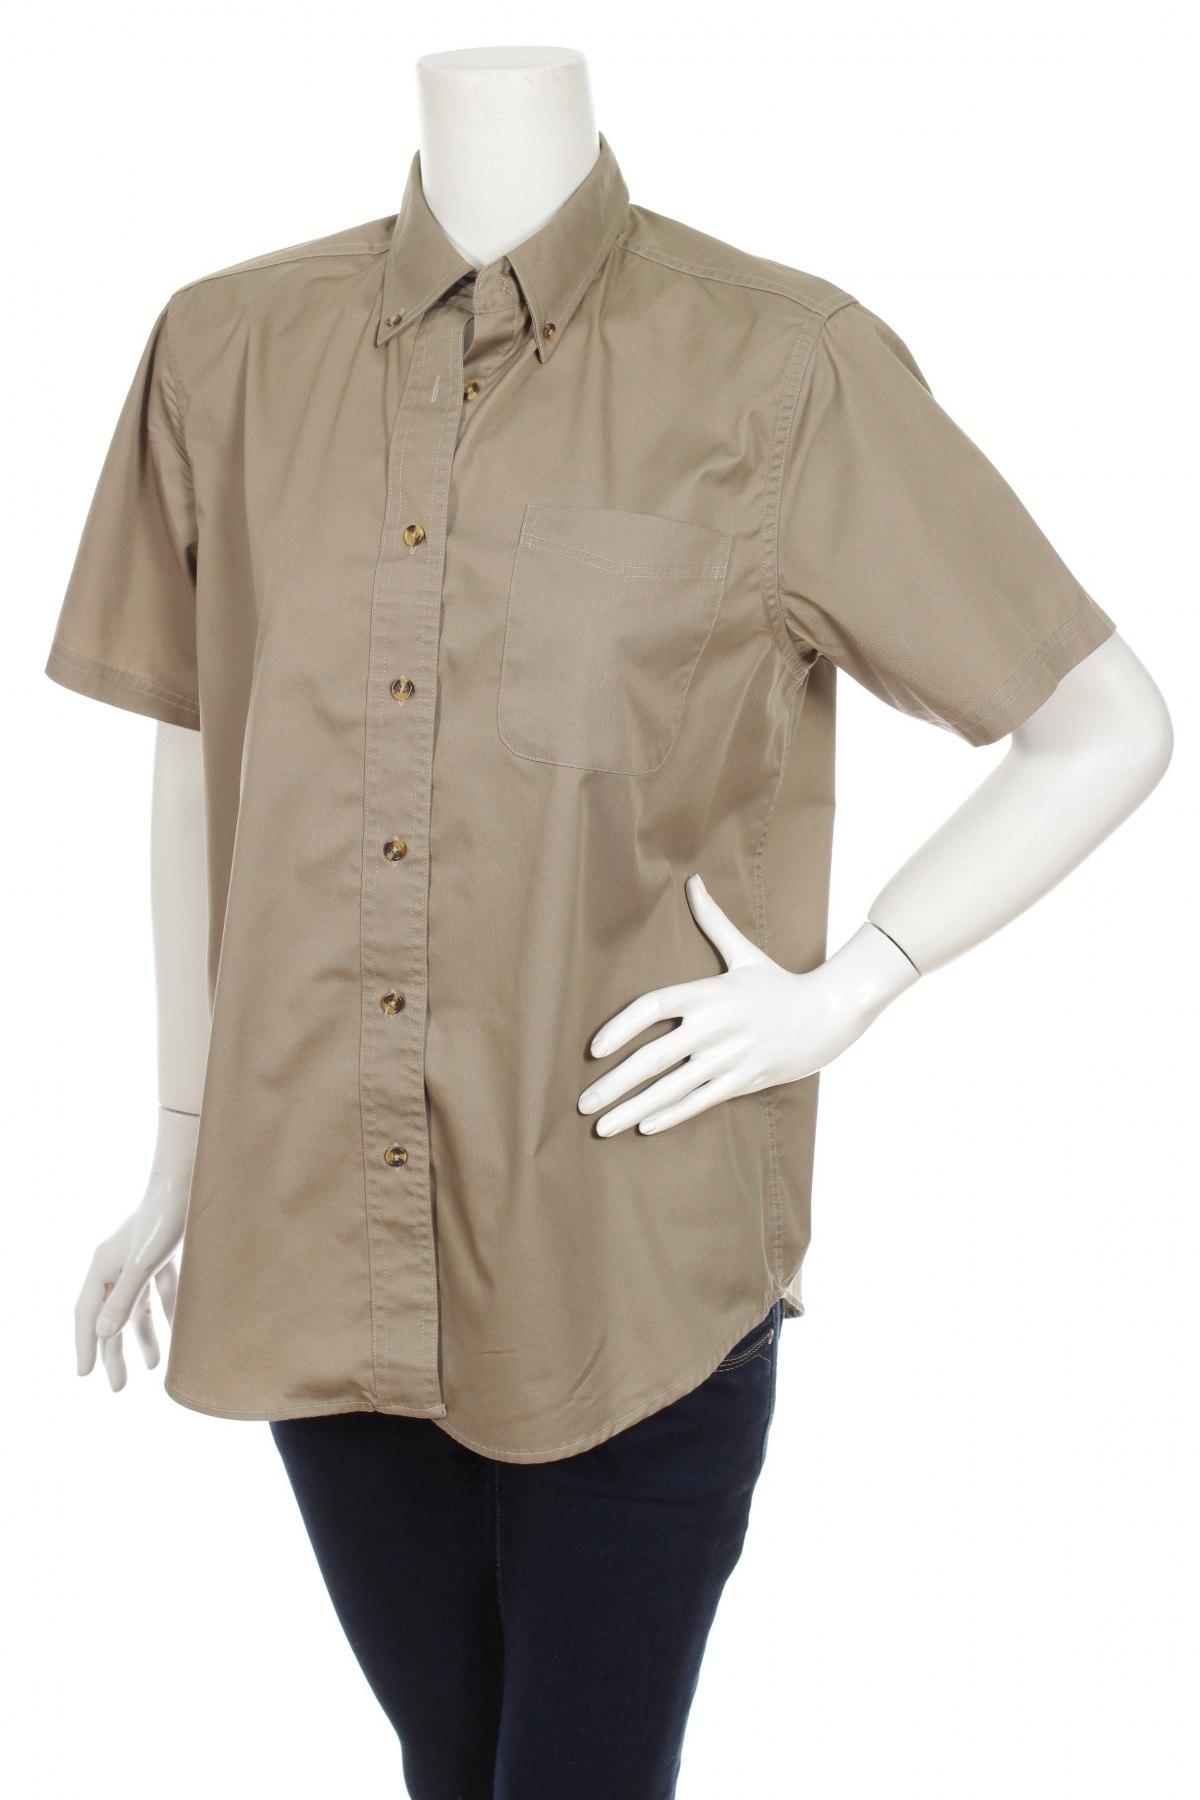 Γυναικείο πουκάμισο Apparel